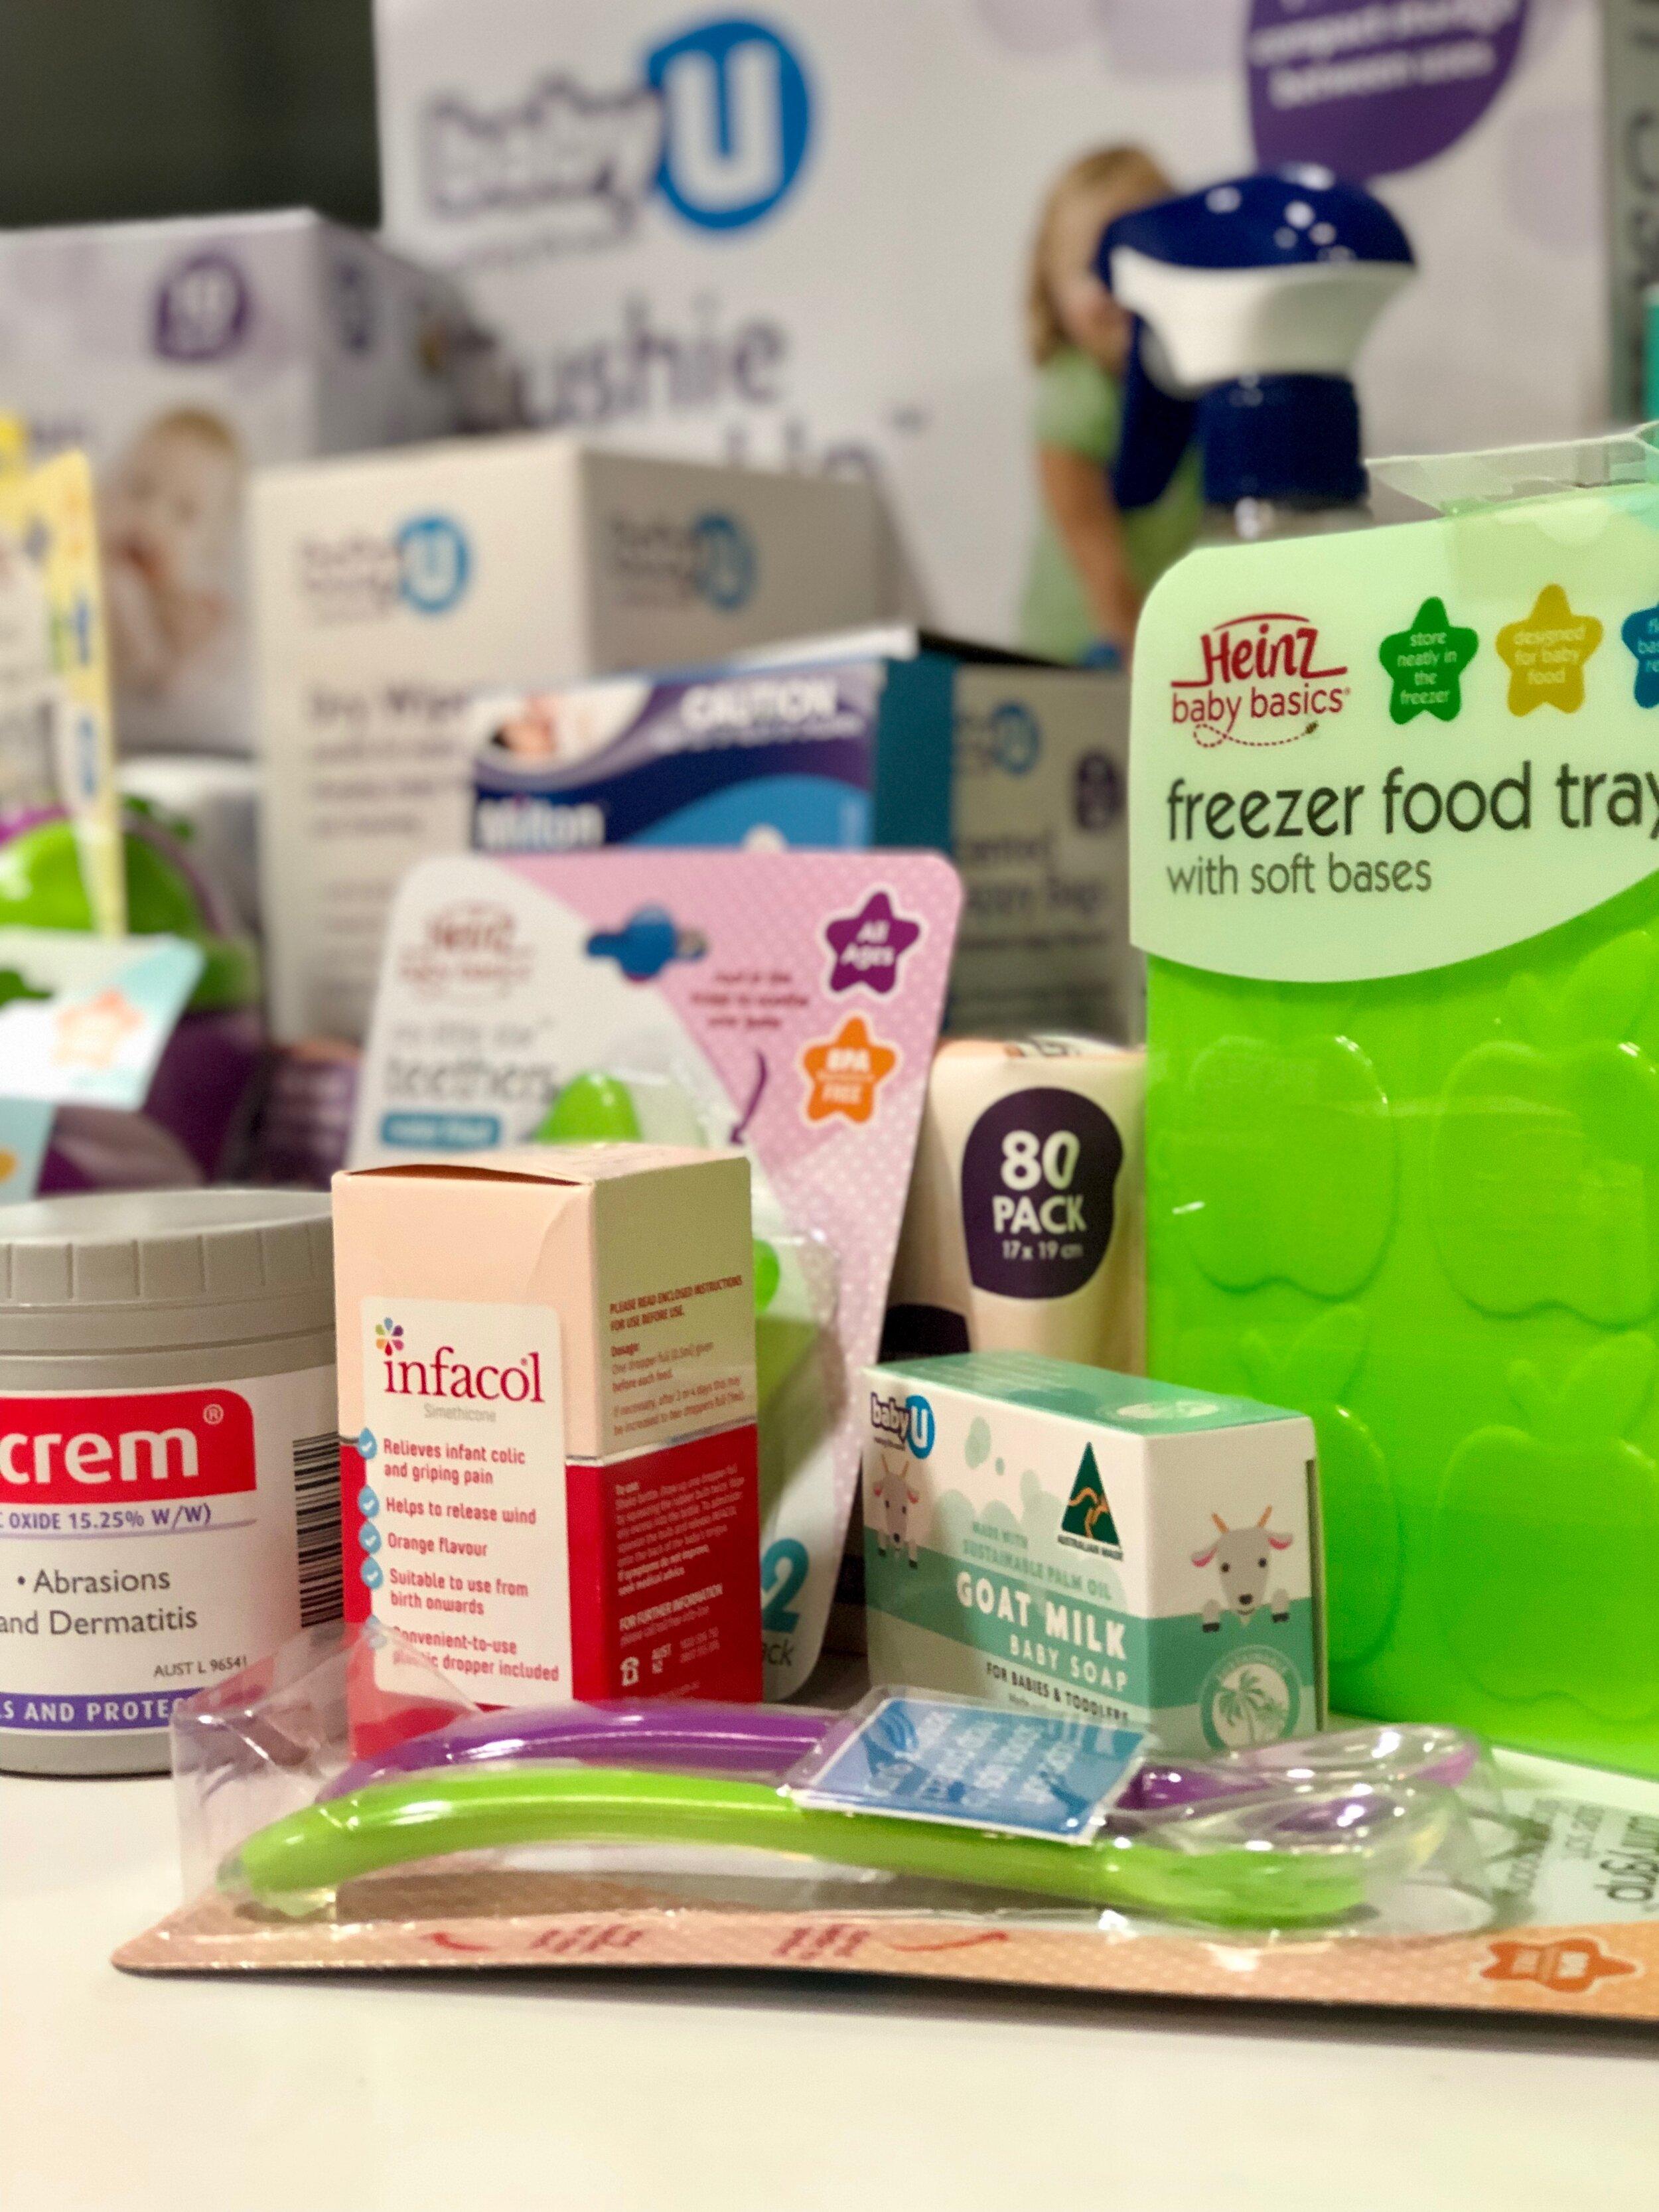 Infacol pack giveaway.JPG